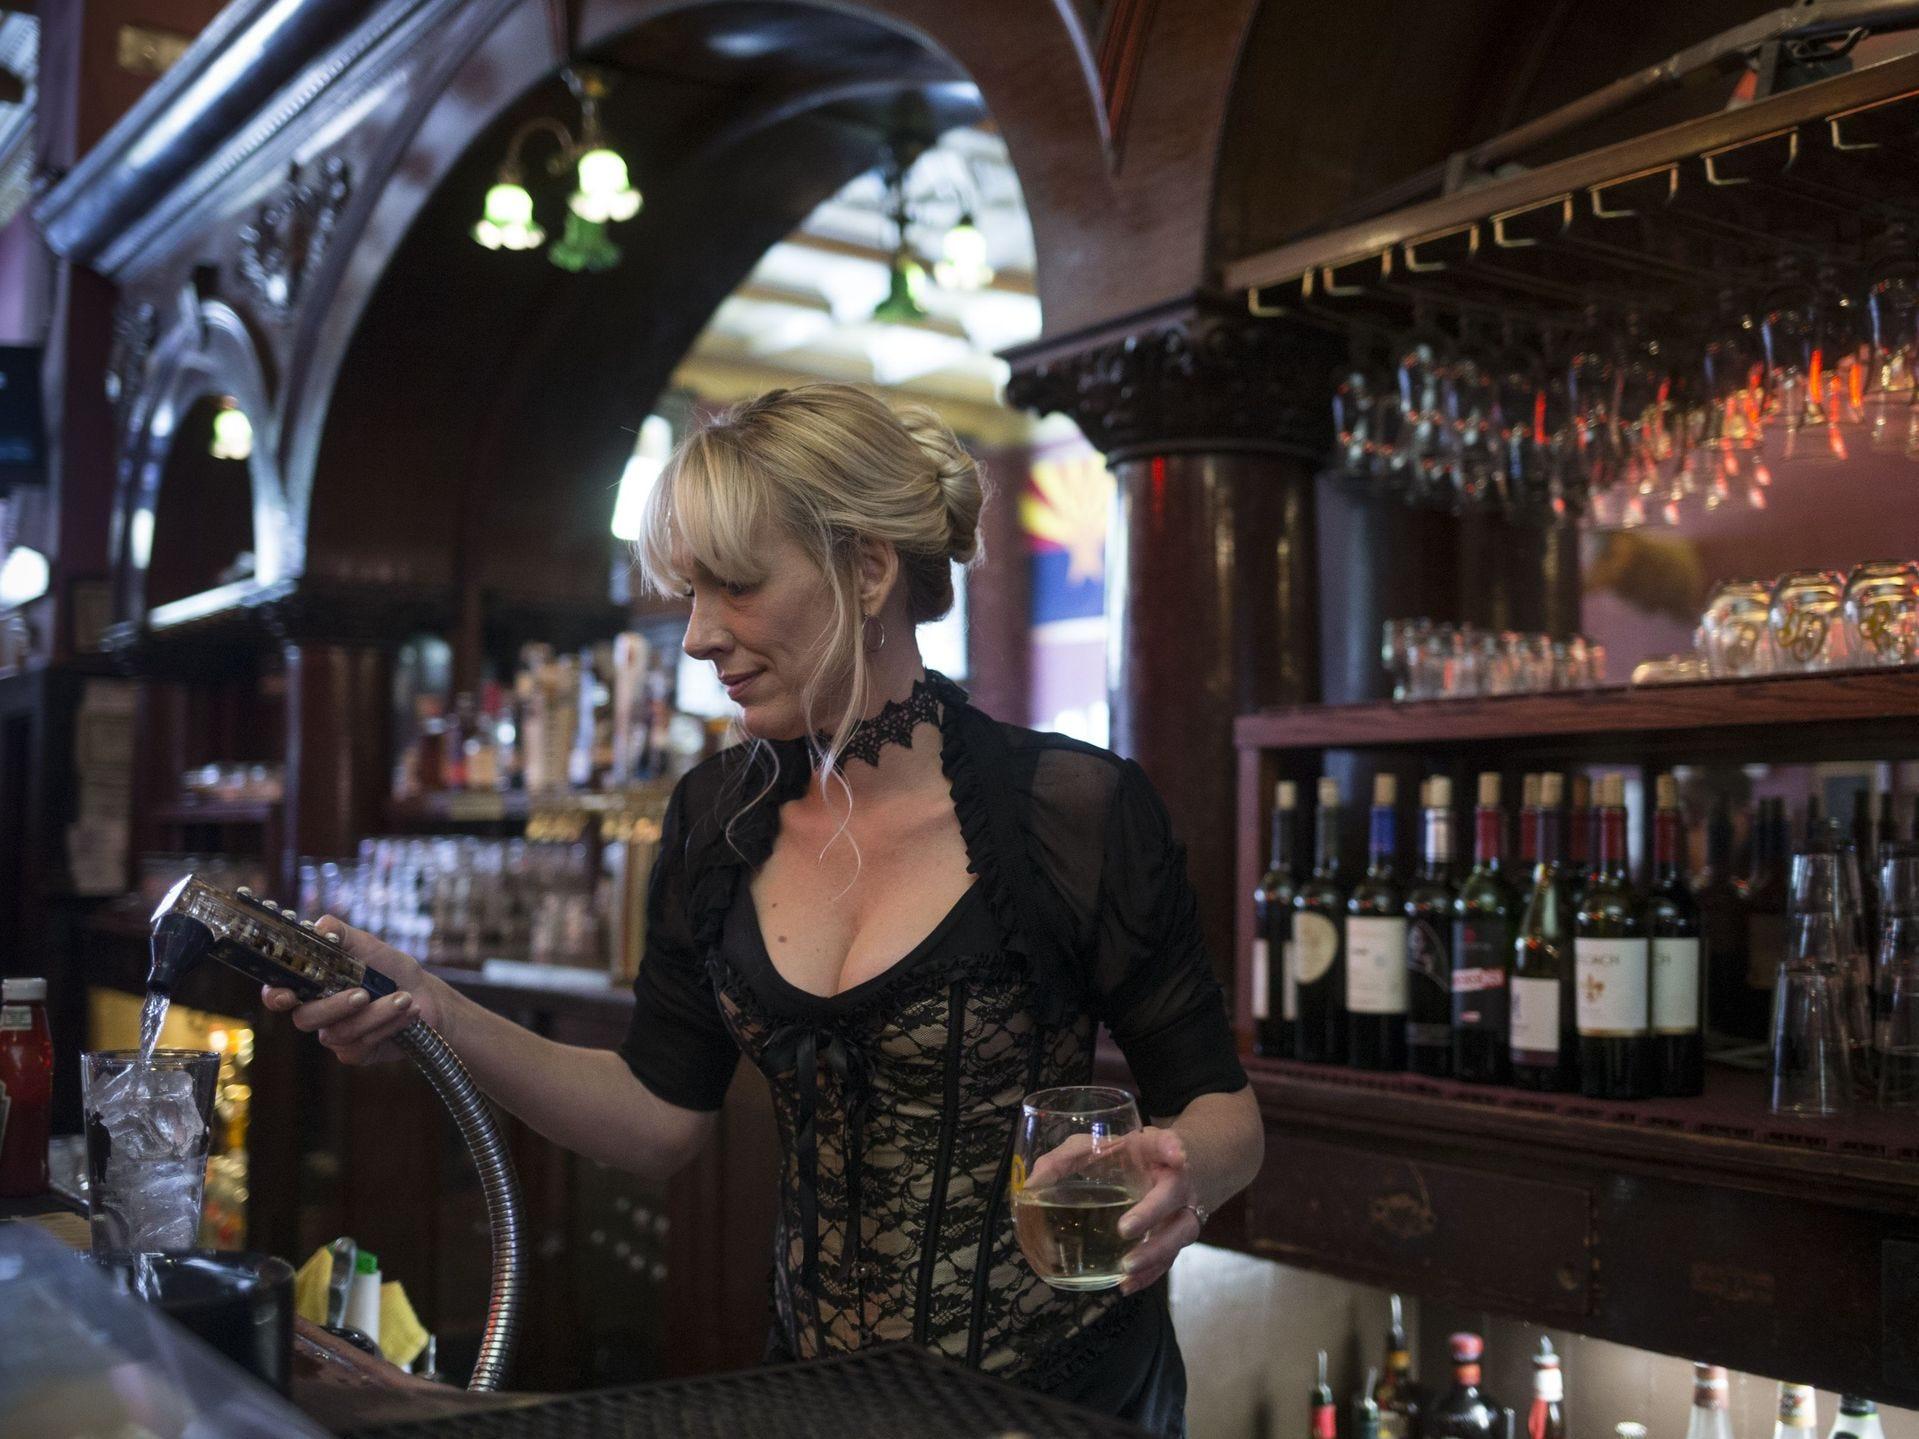 Martha Mekeel trabaja en el bar el 6 de noviembre de 2017 en el Palace Saloon and Restaurant 120 S. Montezuma Street, Prescott, Arizona.